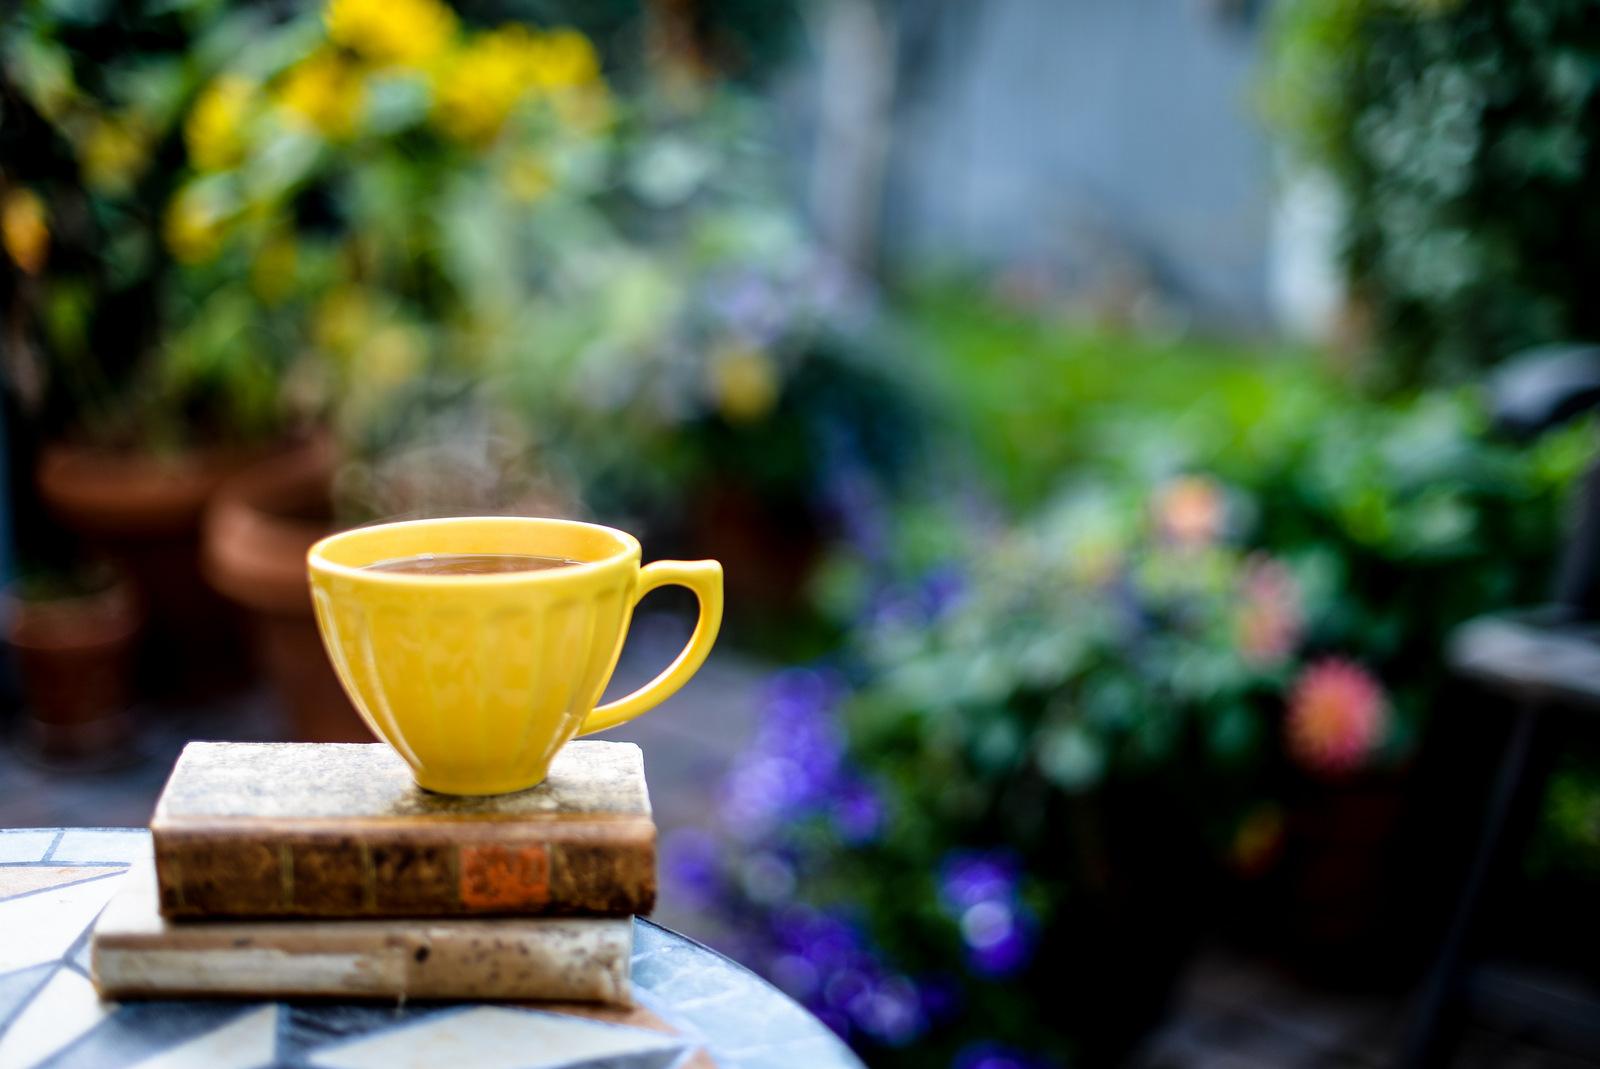 yellow teacup